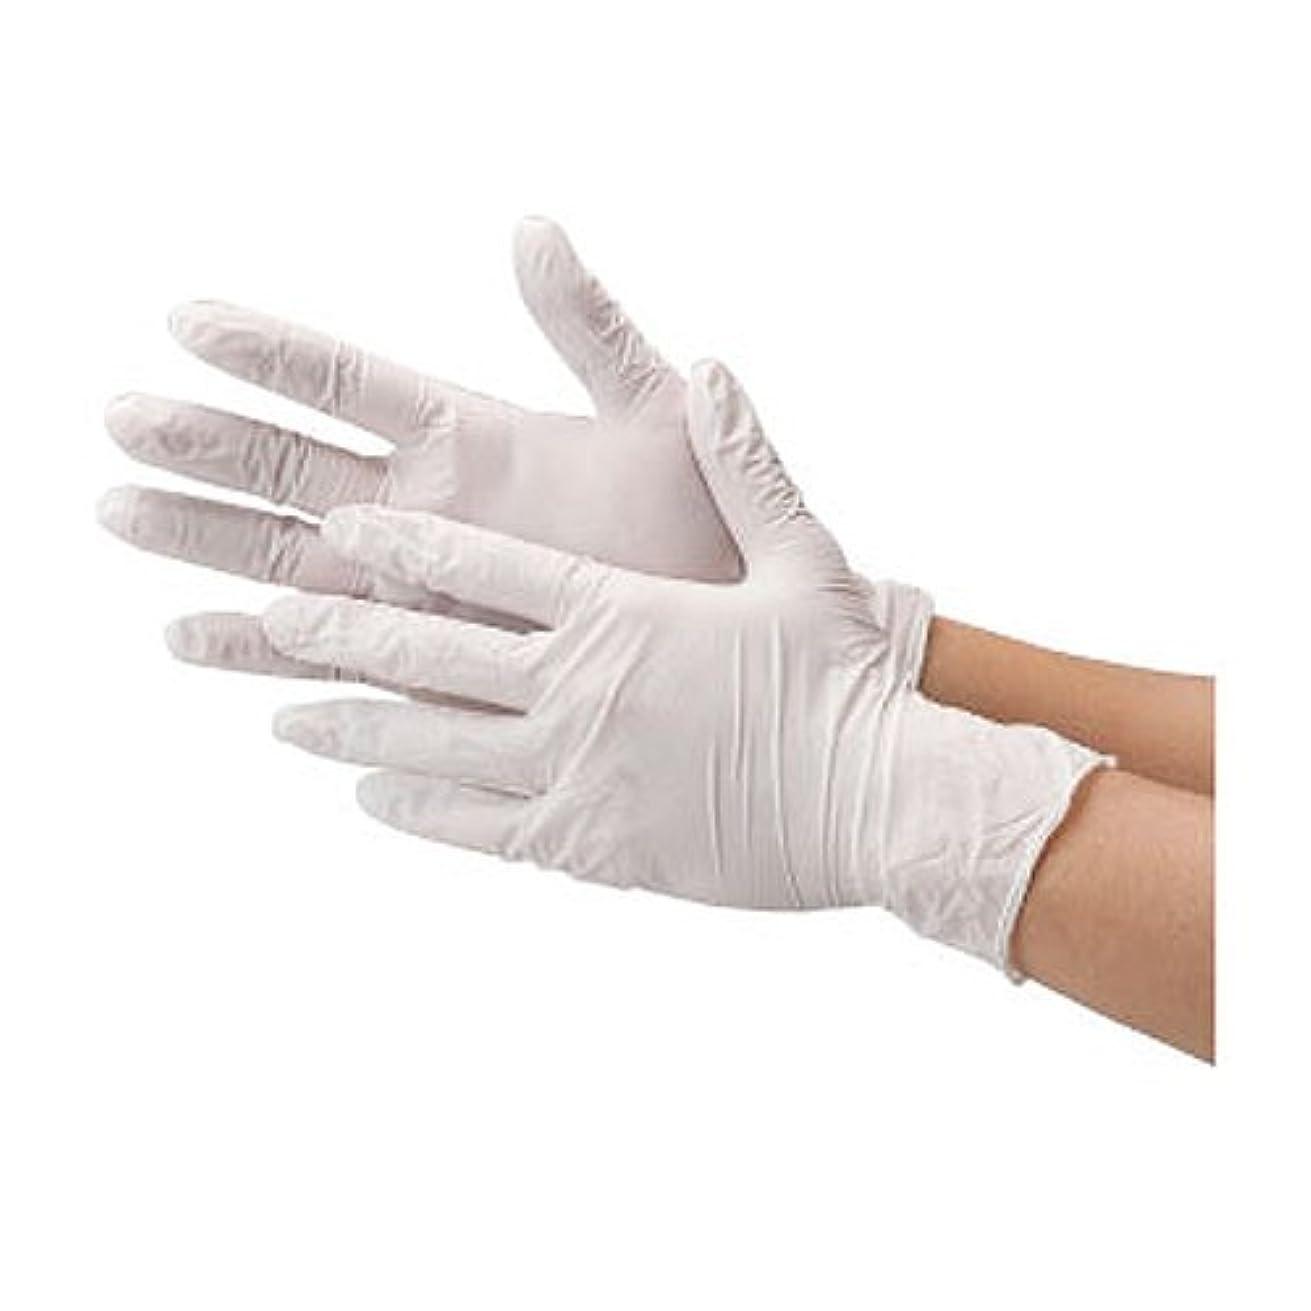 雷雨パイント予言する川西工業 ニトリル 使いきり手袋 ストロング 粉無 100枚入り 2037 ホワイトS